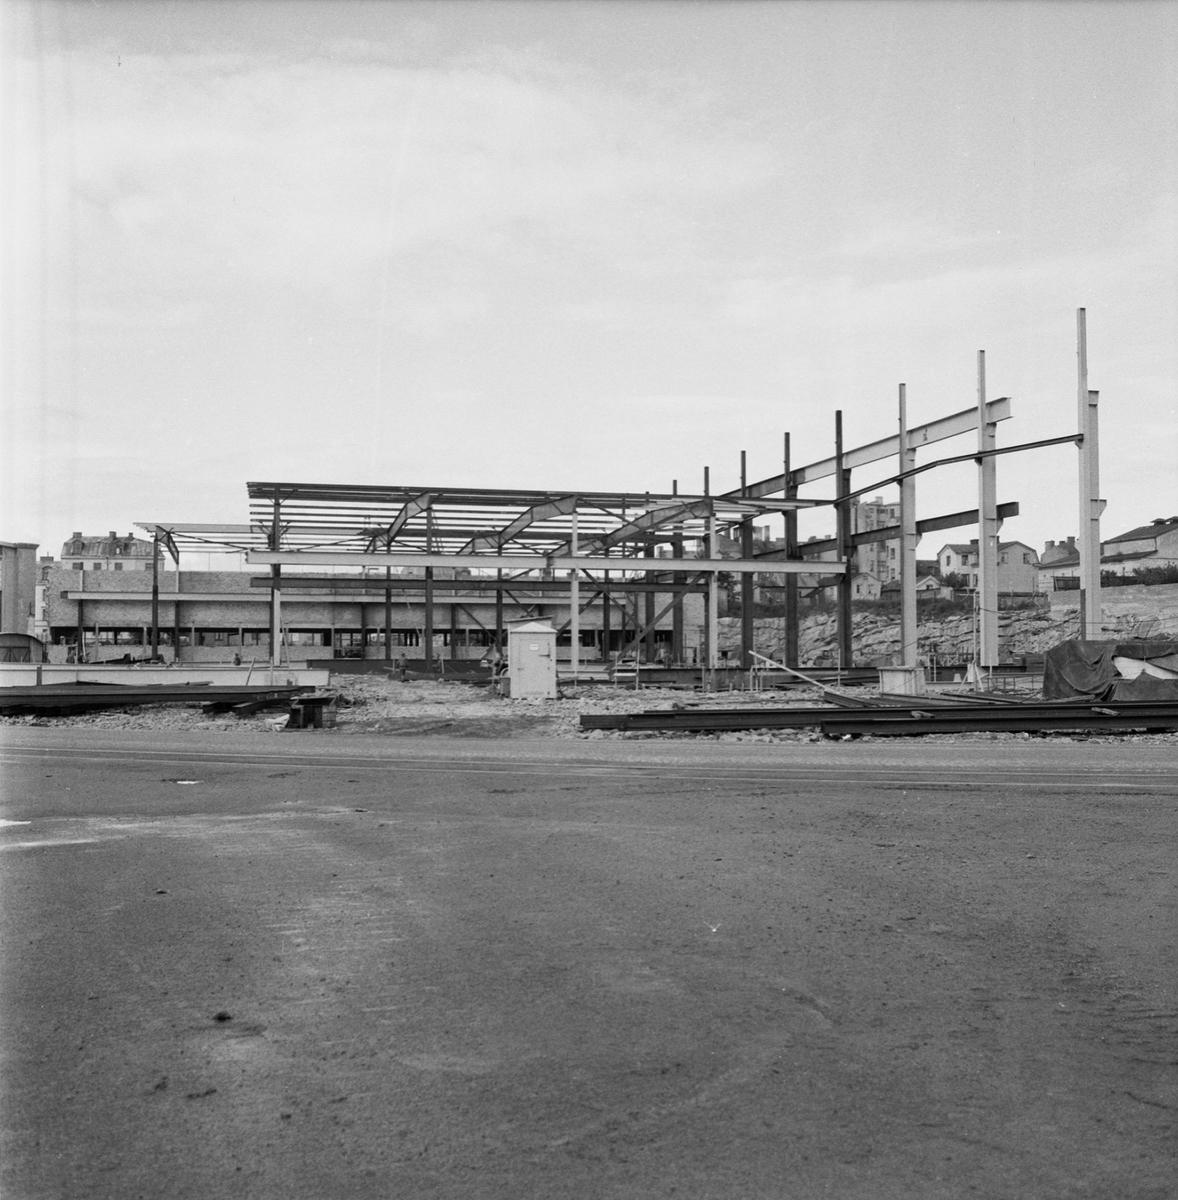 Övrigt: Fotodatum:31/8 1962. Byggnader och Kranar. Nybyggnations område. Kraftcentralen och Plåtverkstan